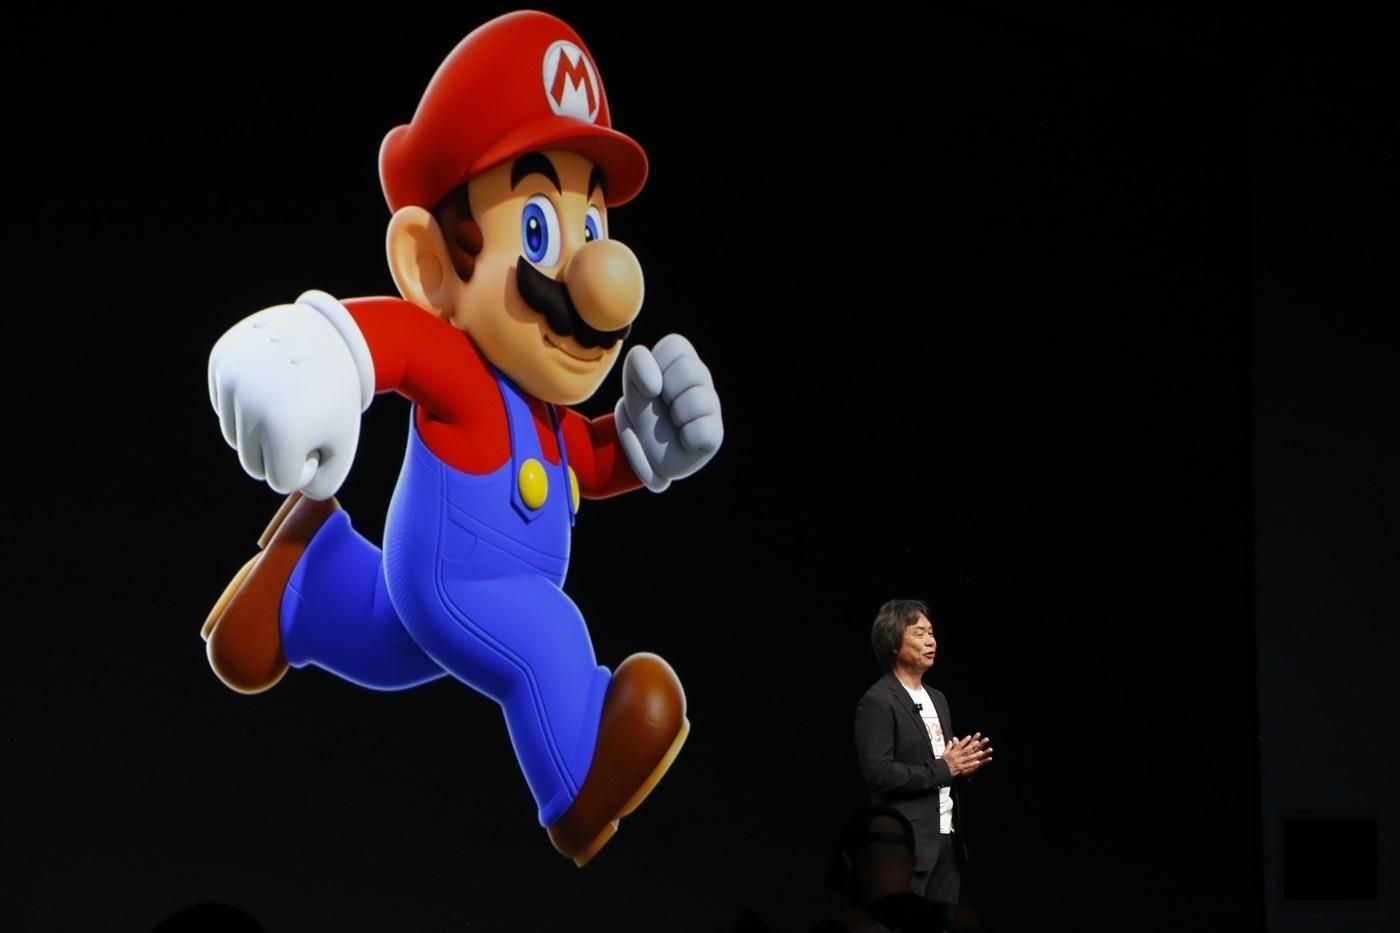 Super Mario Run generó US$30 millones y superó las 90 millones de descargas